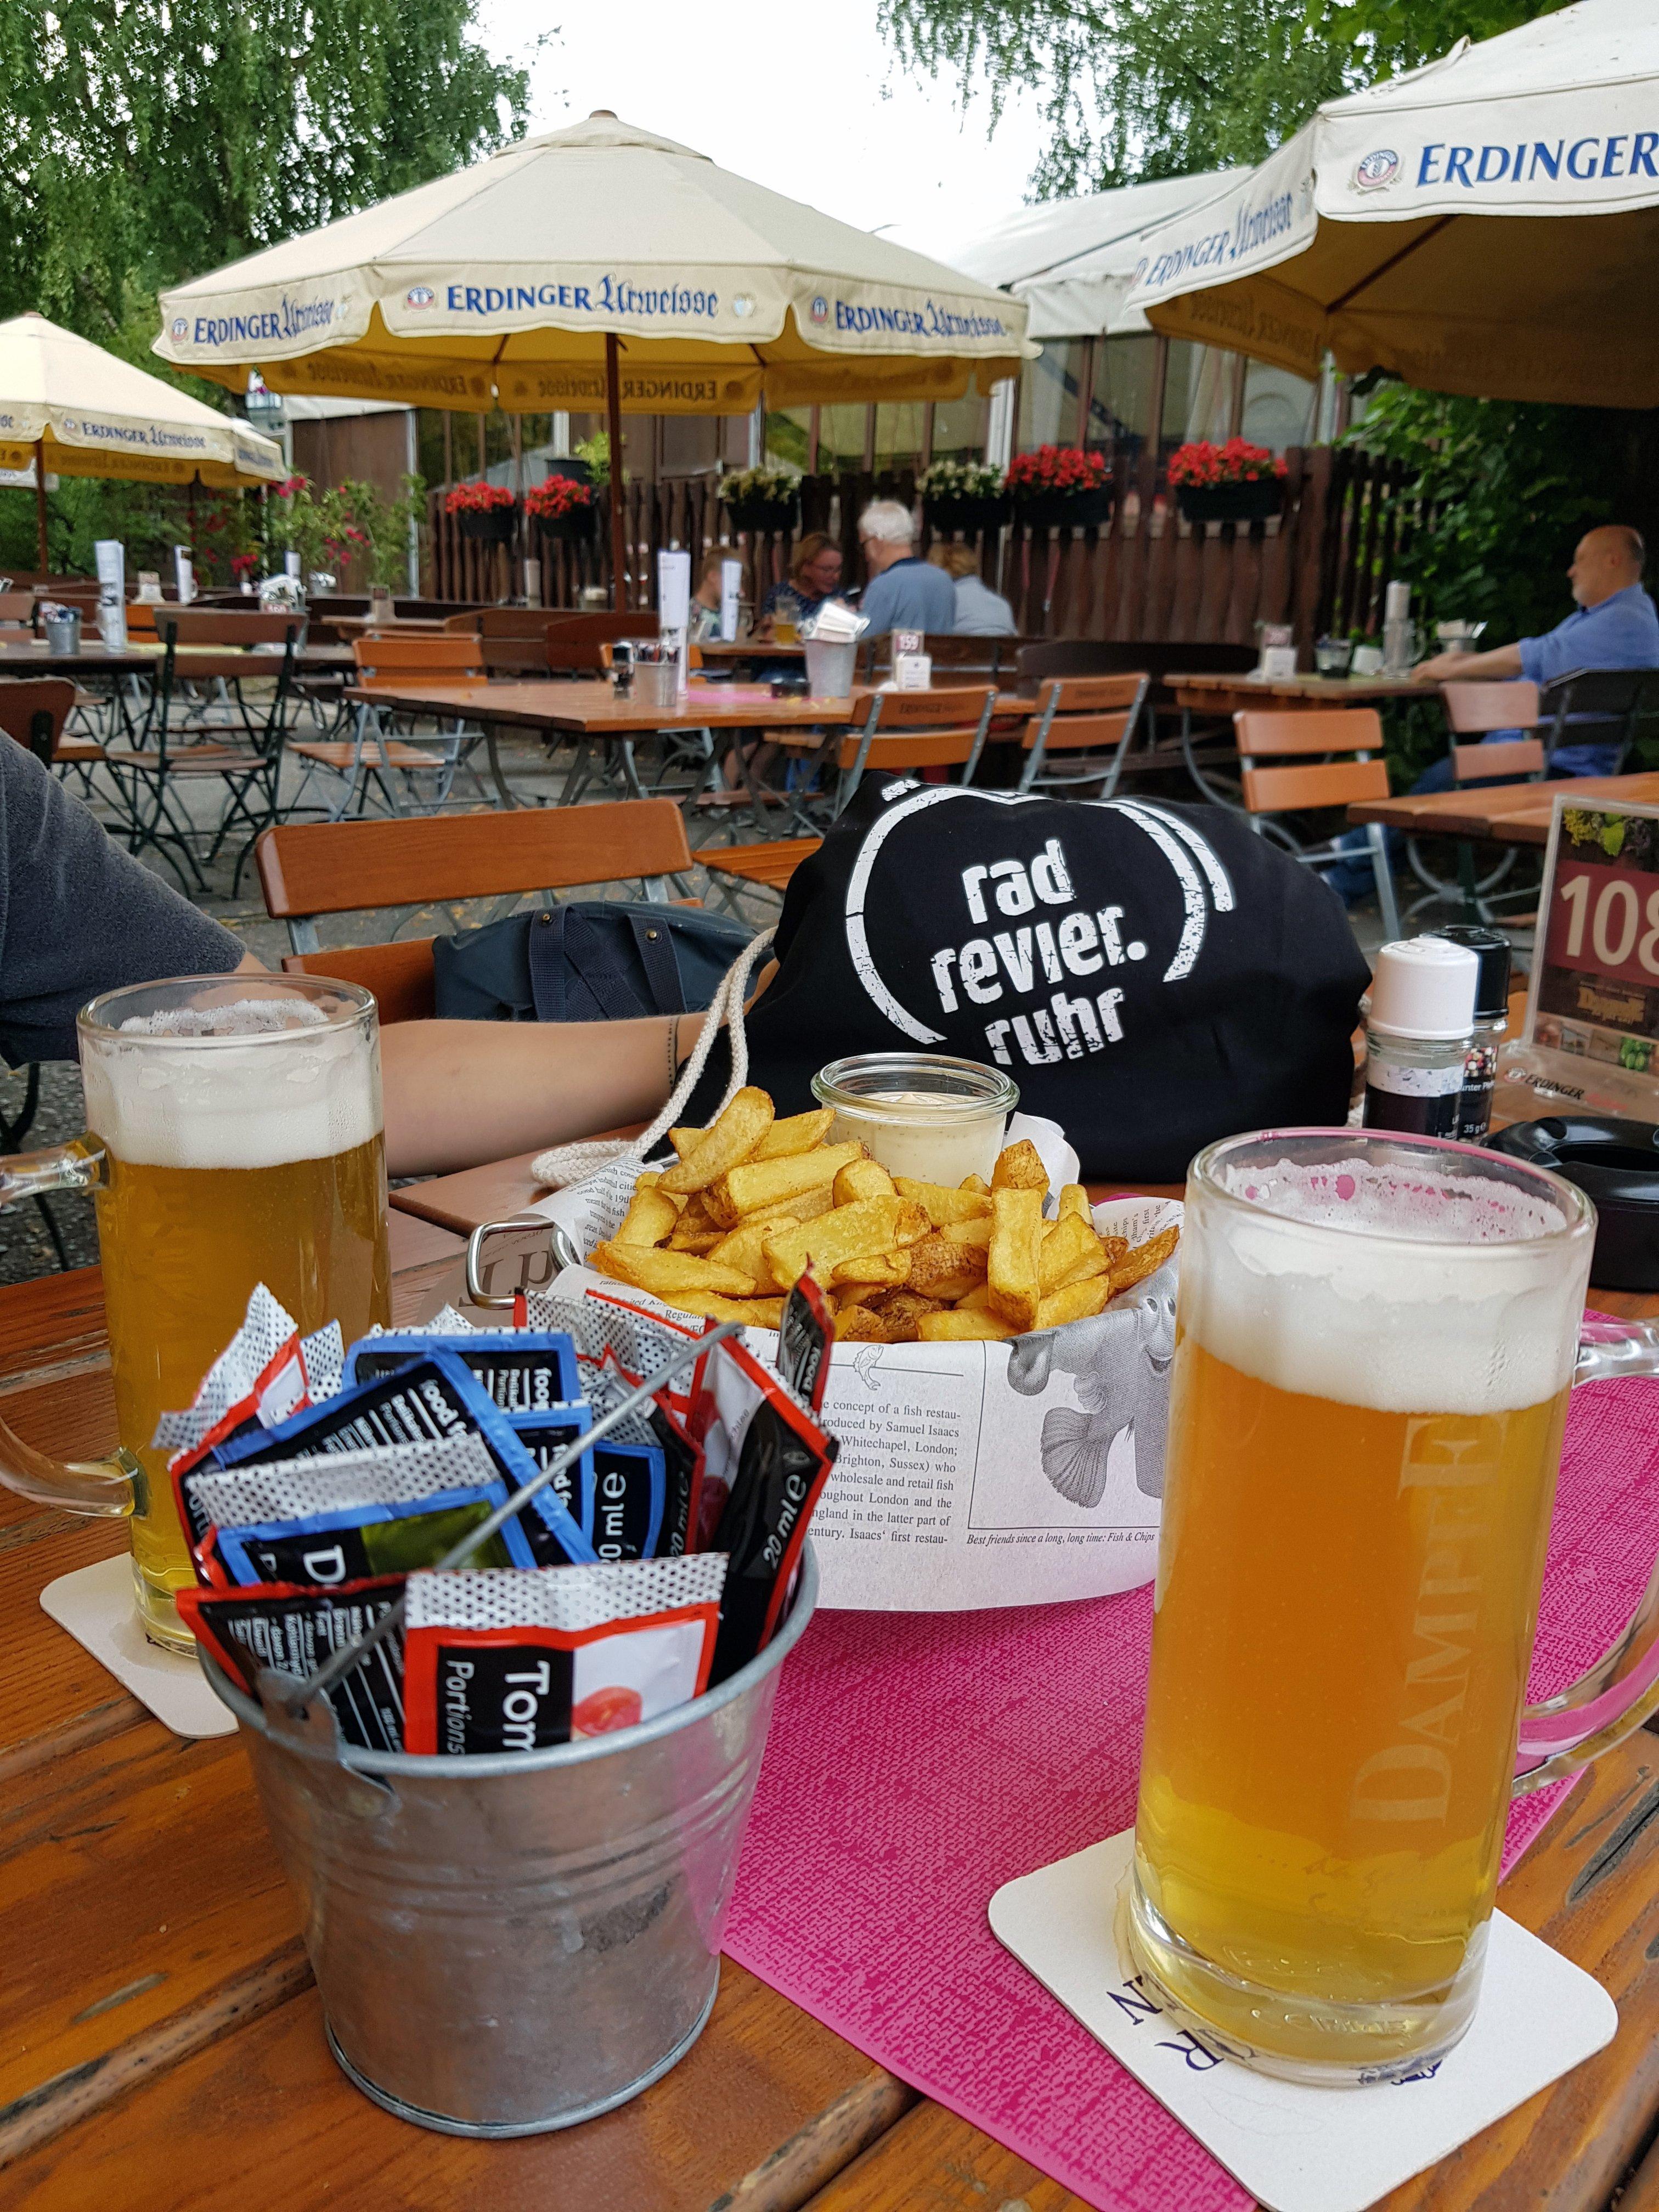 Das Bild zeigt zwei Gläser Bier und eine Portion Pommes